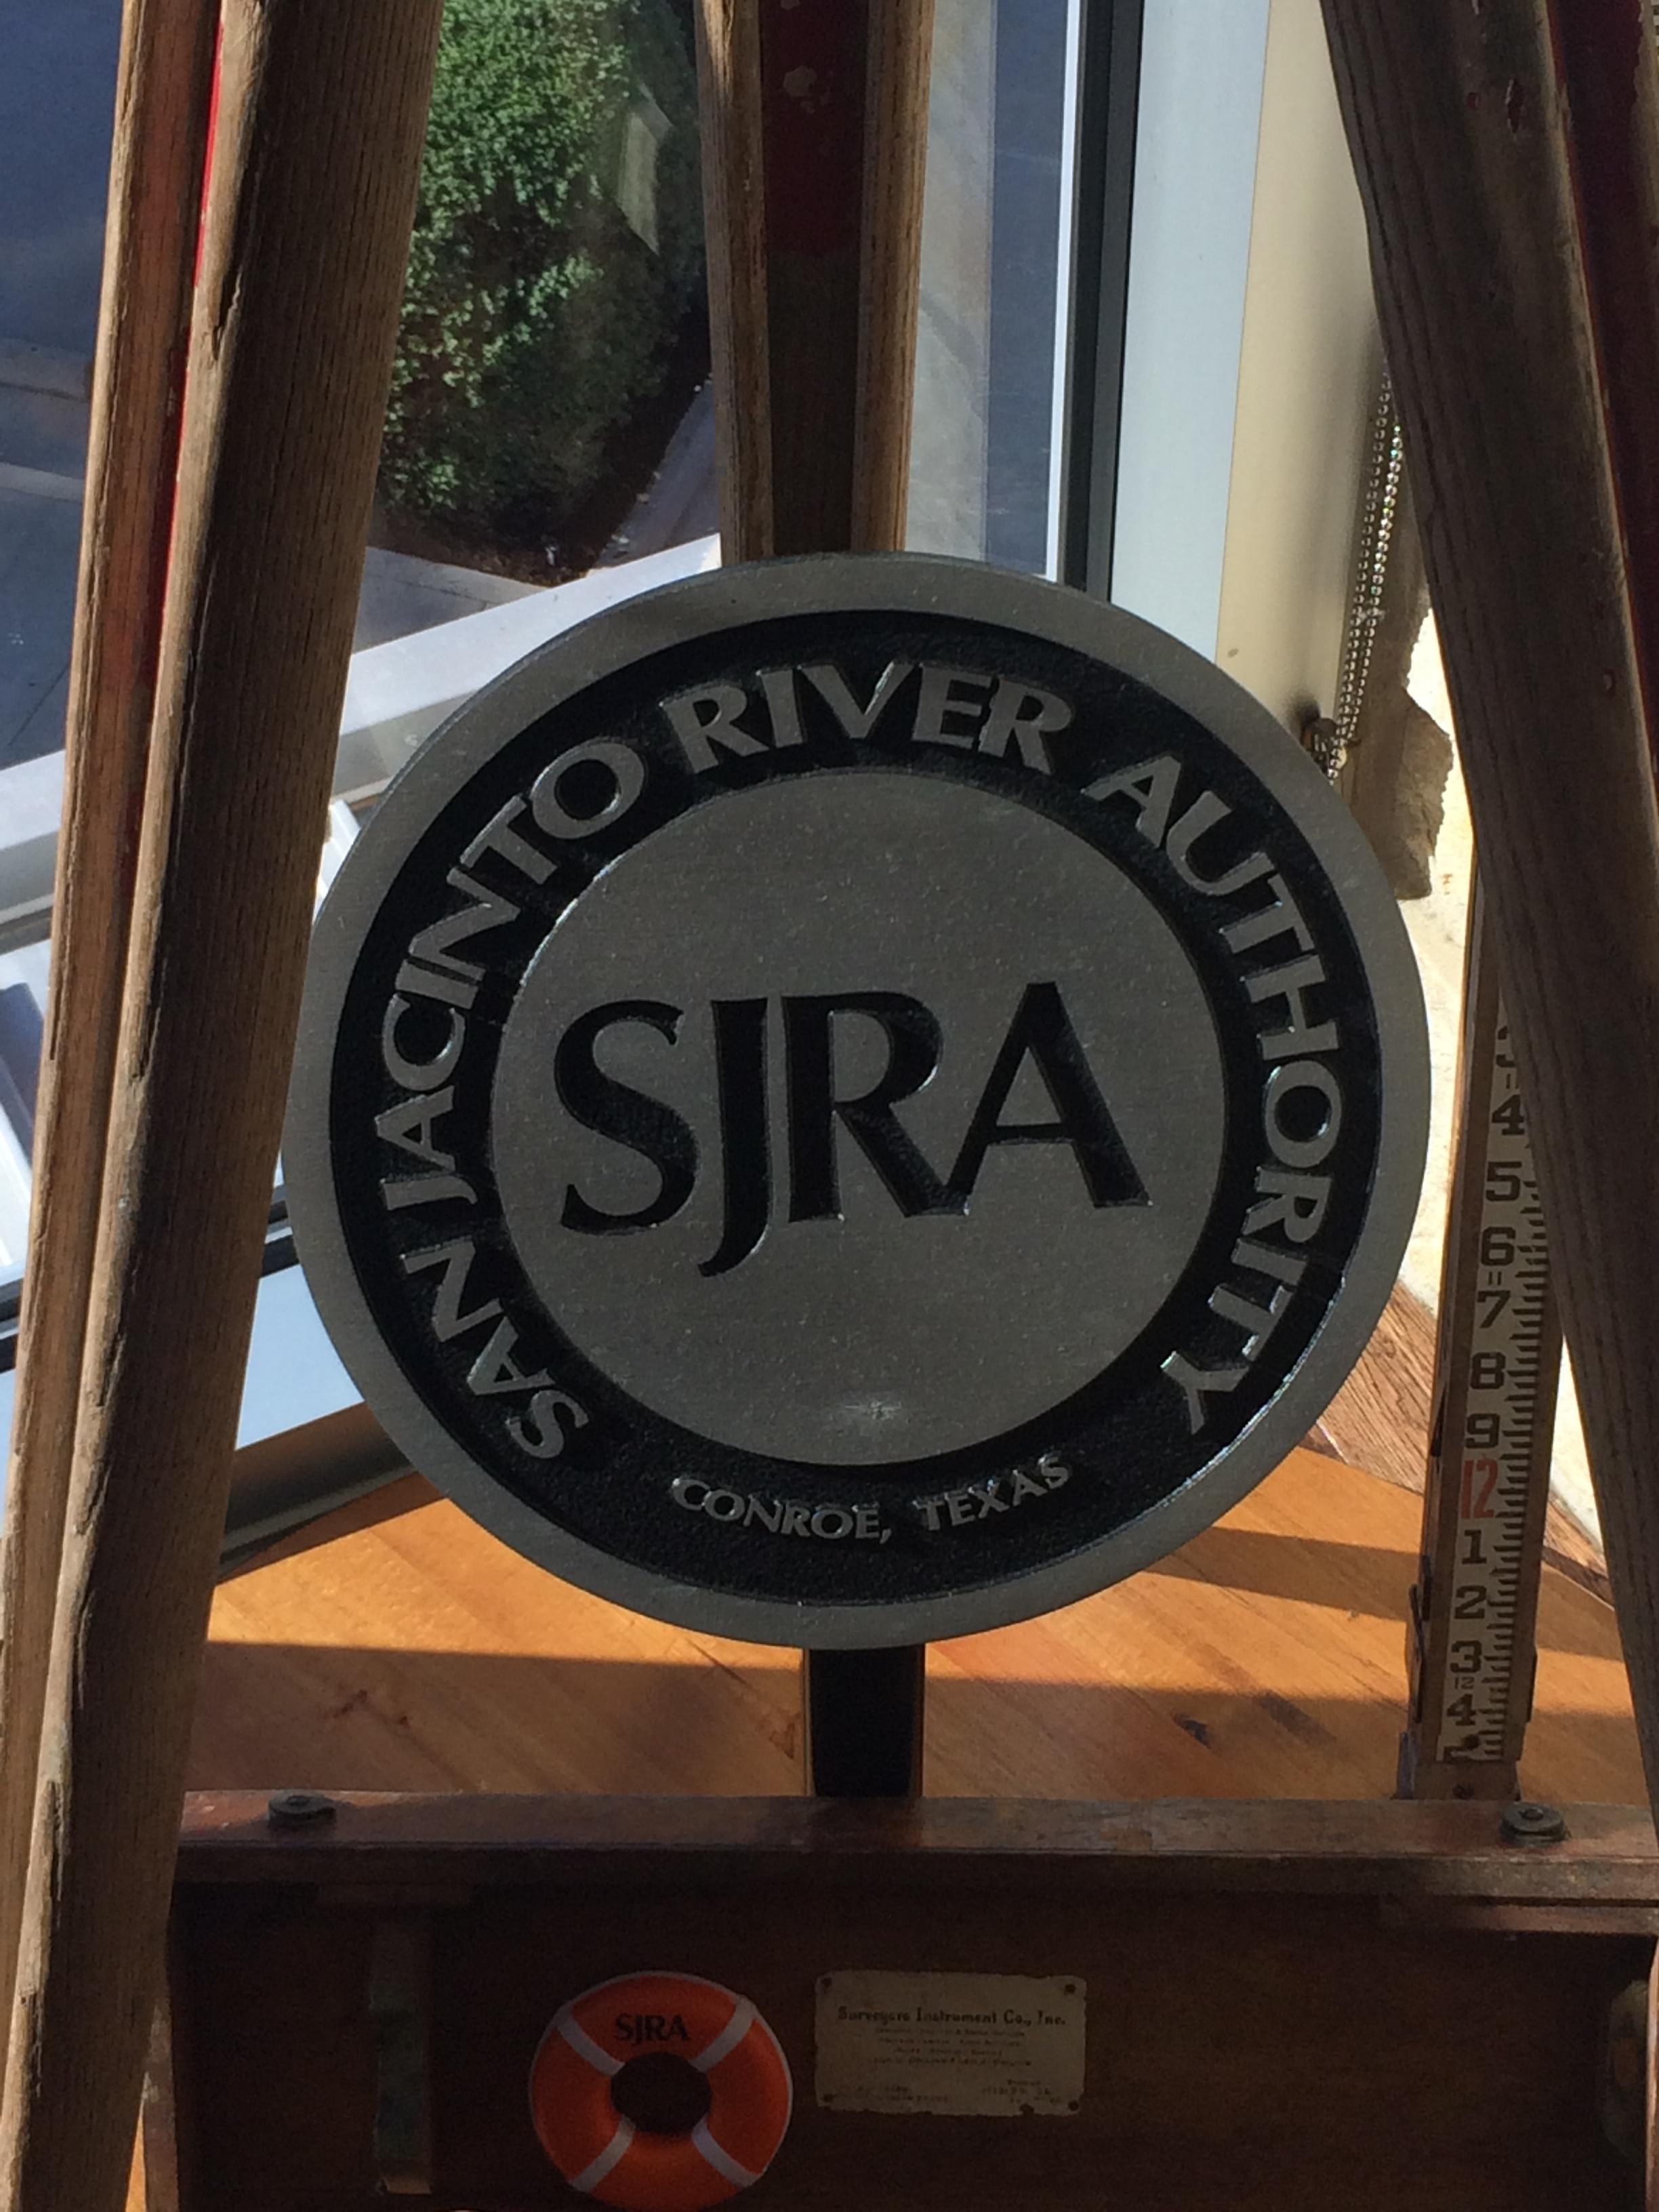 San Jacinto River Authority